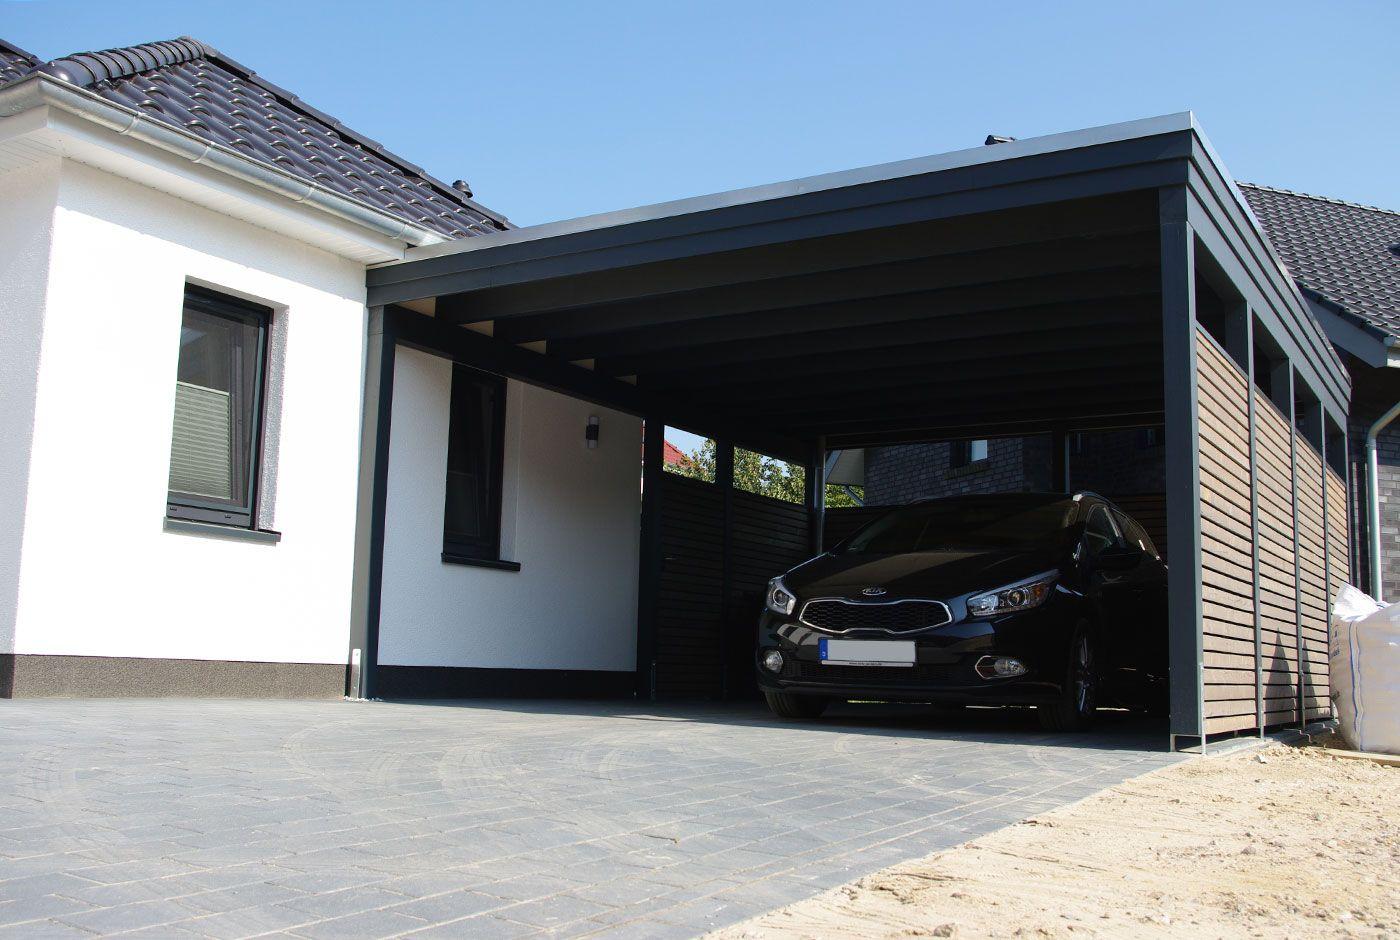 Ein Flachdachcarport Angeleht An Eine Hausmauer Wer Z B Ein Warmeverbundsystem Oder Eine Putzwand Hat Sollte Zusatzliche Pfosten Zur Lastab Glasdach Dach Haus